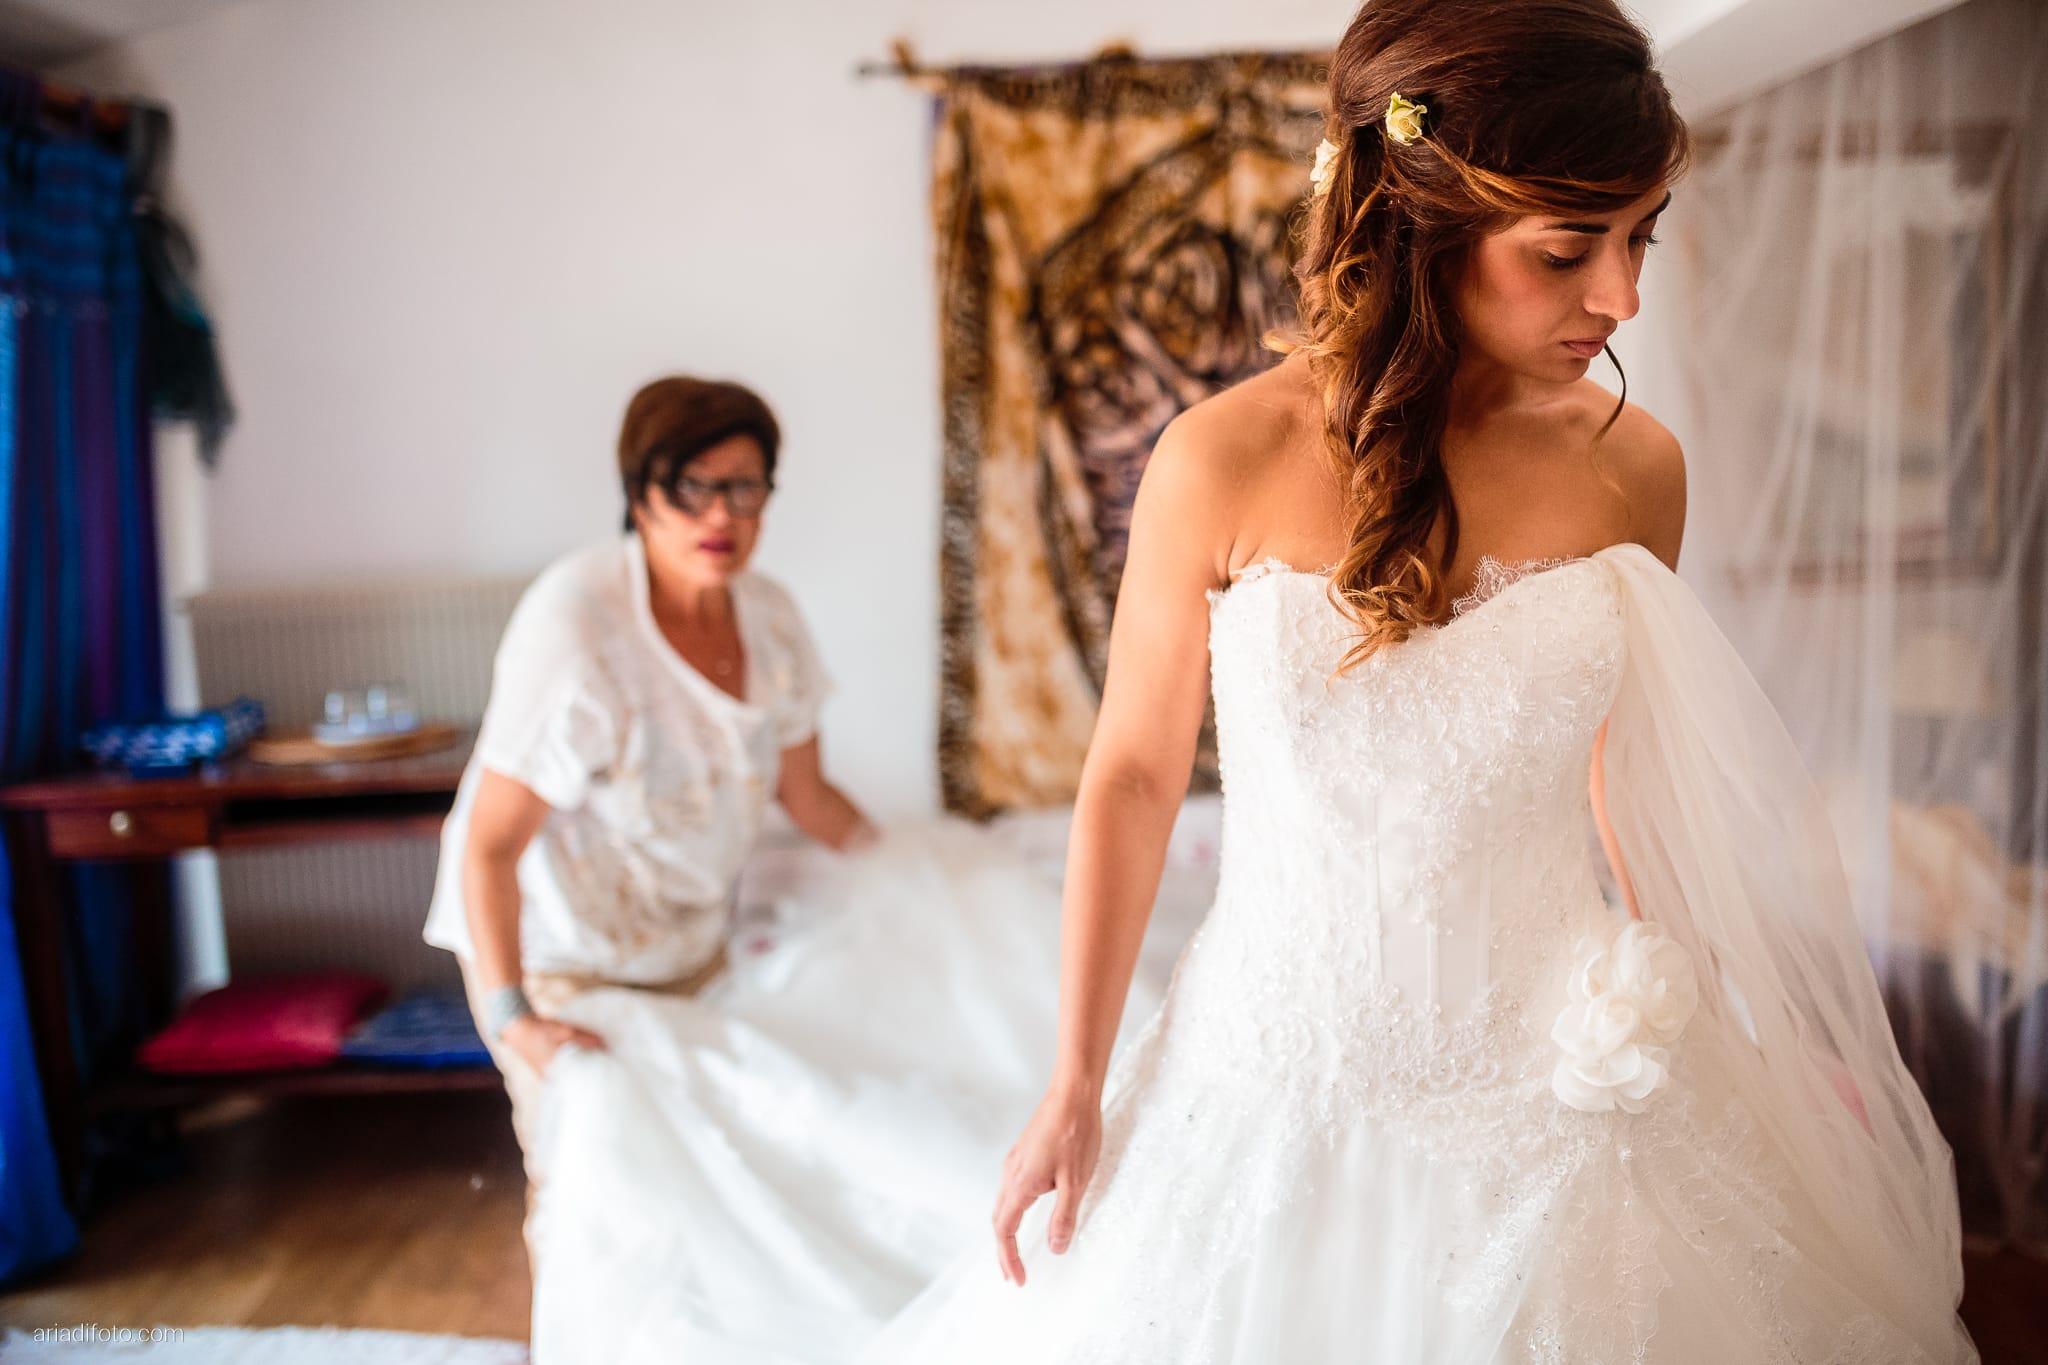 Roberta Alessandro matrimonio Duino Baronesse Tacco San Floriano del Collio Gorizia preparativi abito